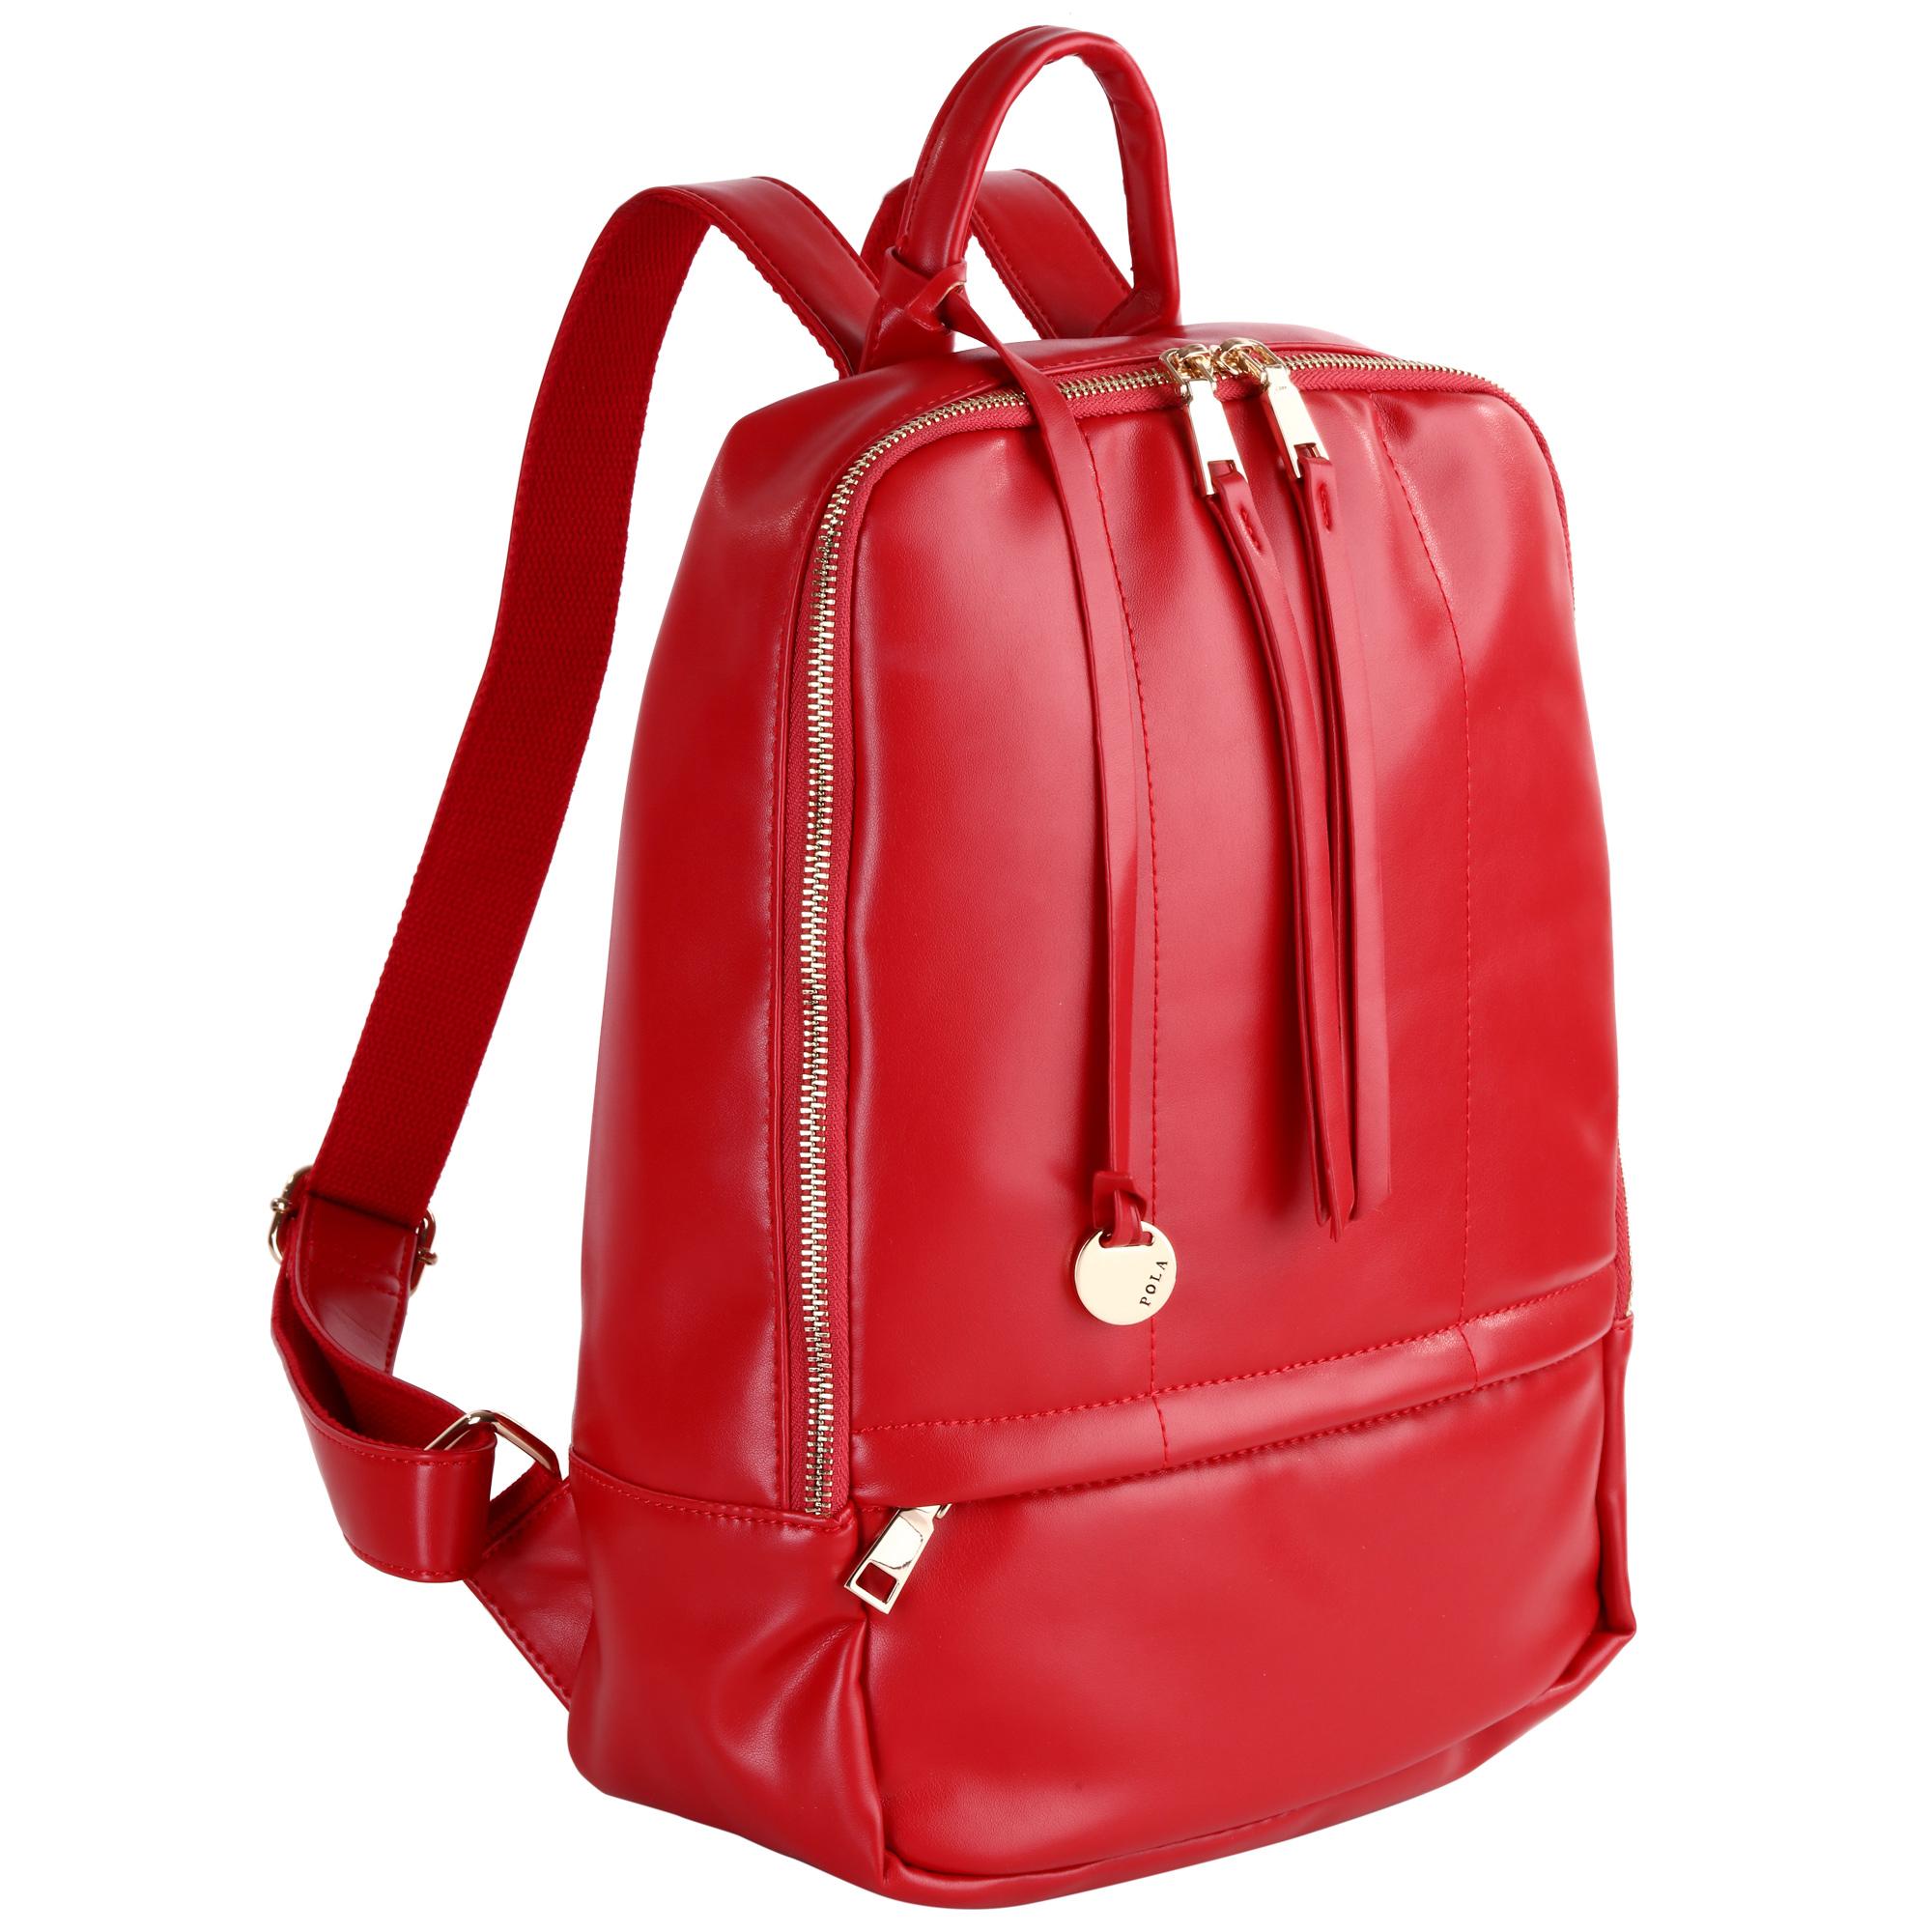 Рюкзак женский Pola, цвет: красный. 44124412Стильный женский рюкзак Pola - очень практичен в повседневном использовании. Основное отделение закрывается на металлическую молнию. Внутри - два кармана на молнии и два открытых кармашка. Снаружи – карман на молнии сзади и спереди рюкзака. Лямки регулируются по длине. Эта универсальная модель идеально подойдет как для путешествий, так и для учебы или работы, а так же позволит Вам взять с собой все самое необходимое.